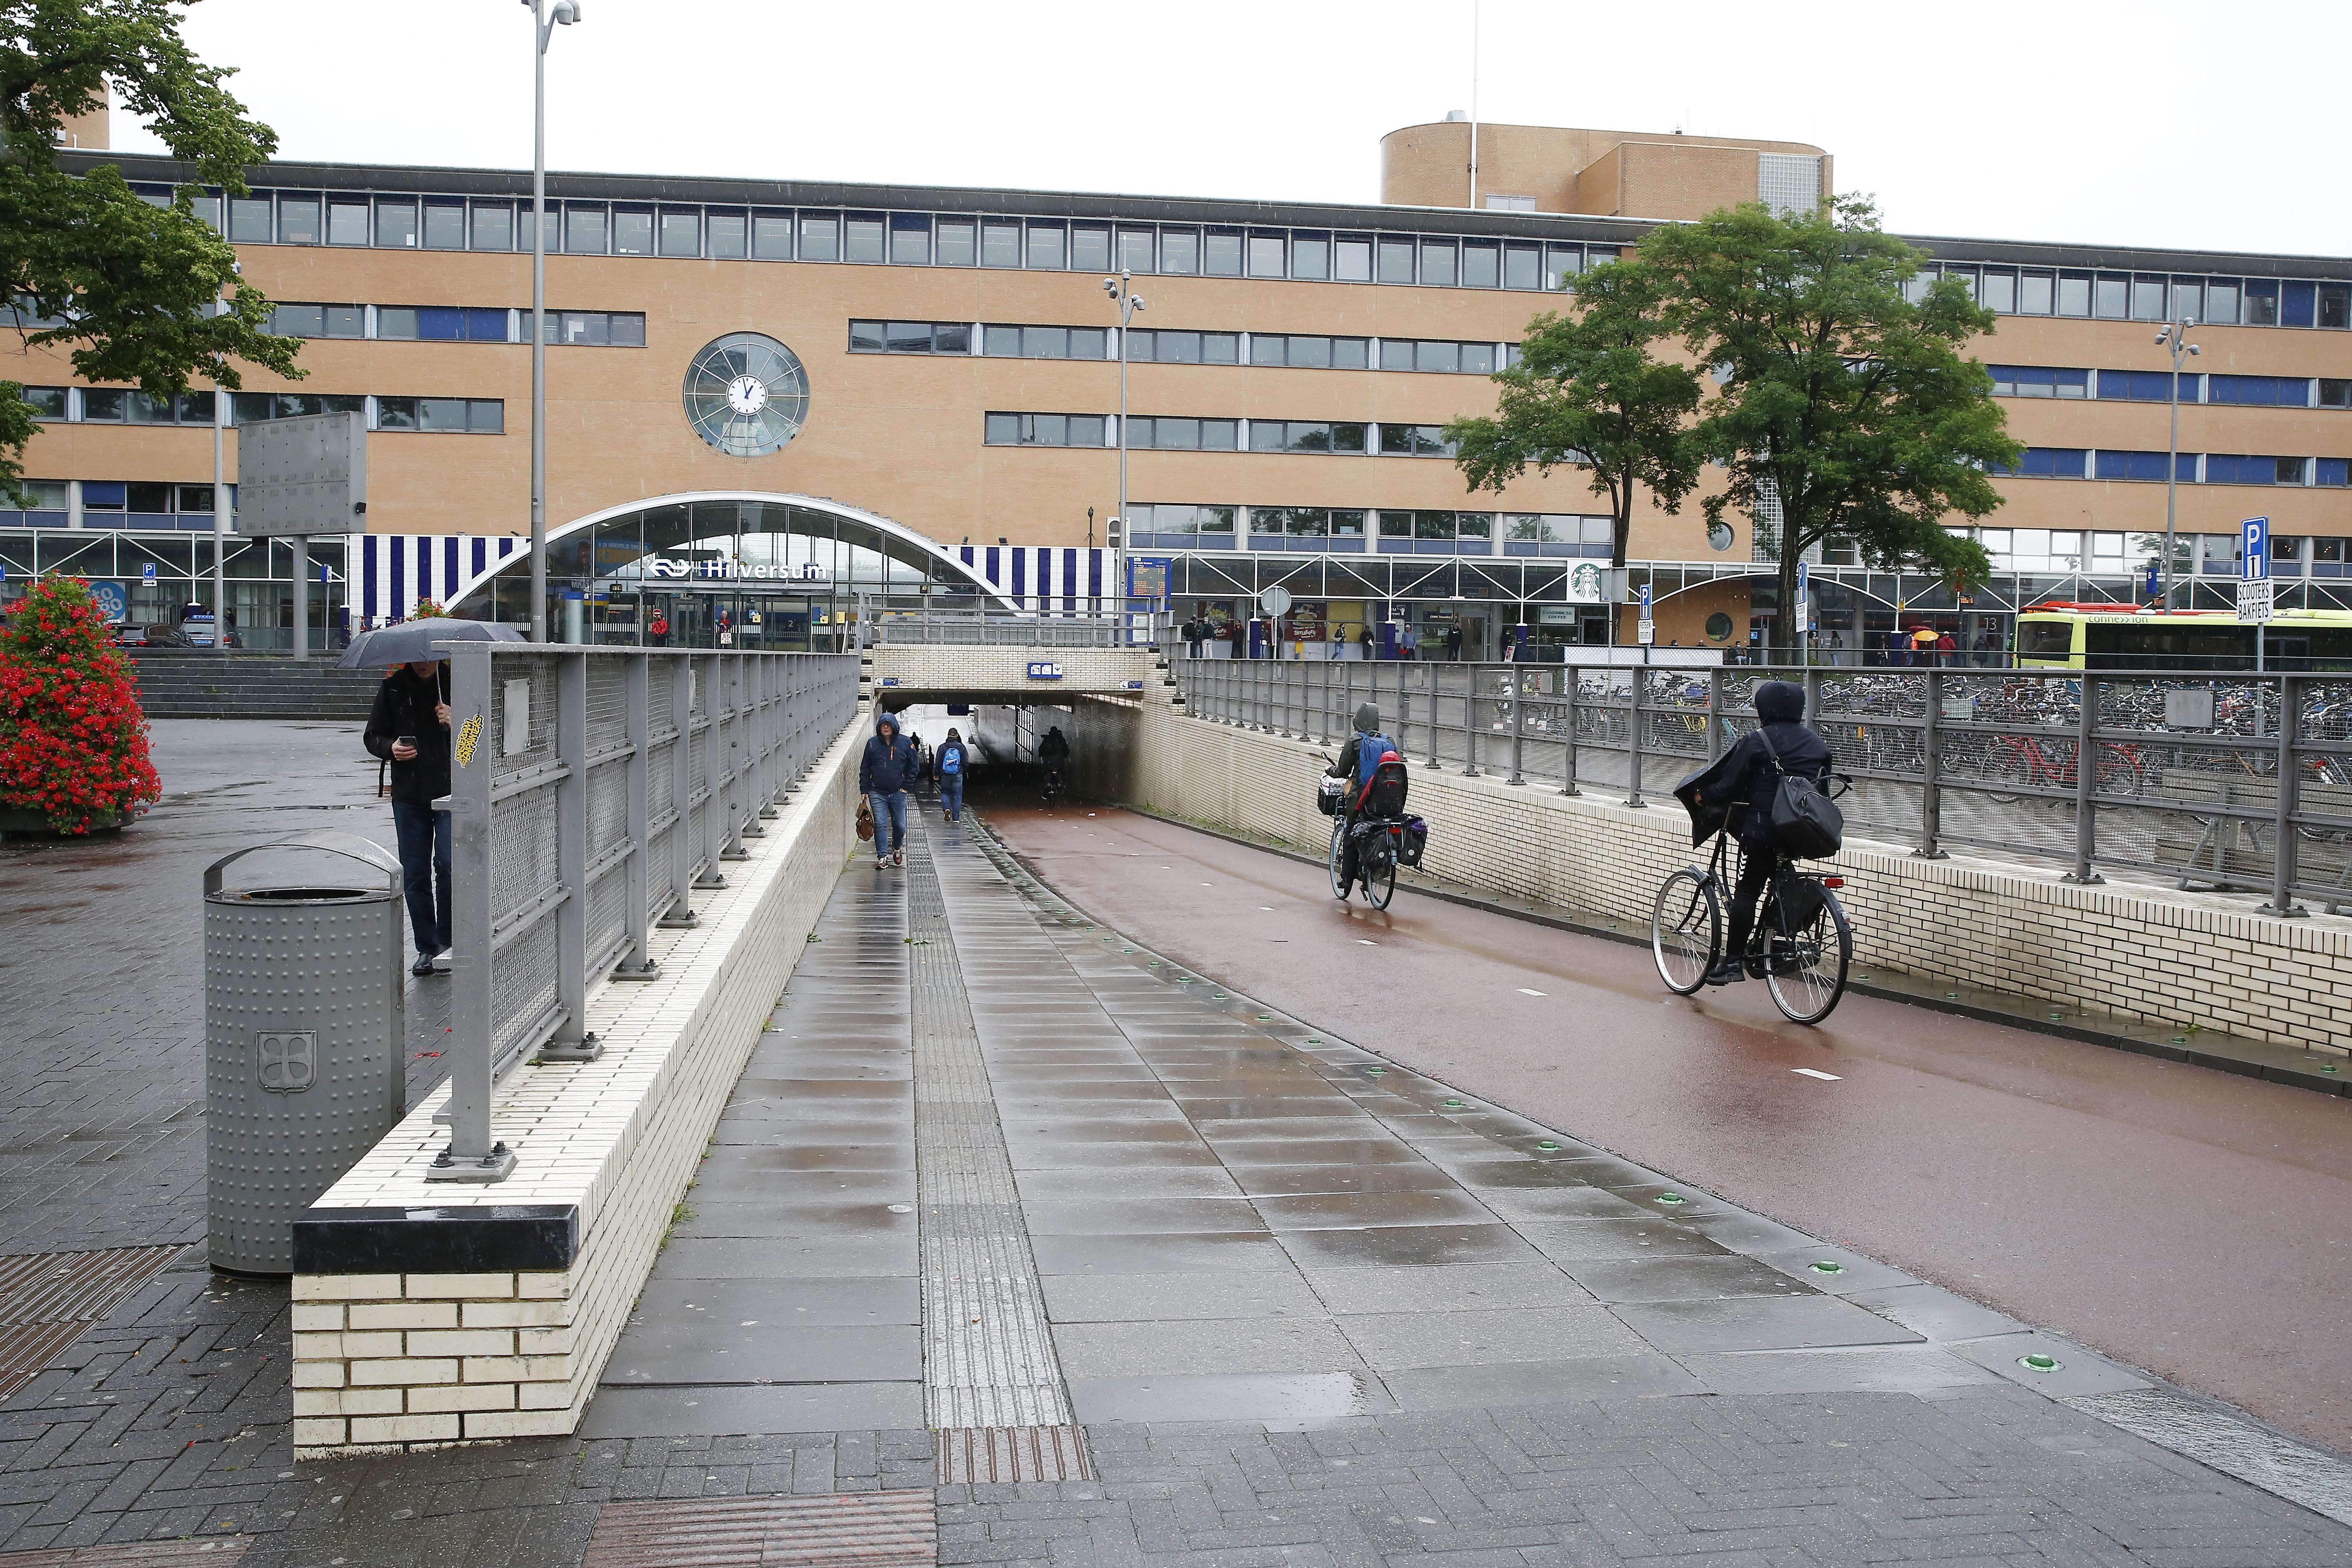 Verbreden fietstunnel onder Station Hilversum kost minimaal 15 miljoen euro. Opknapbeurt van huidige doorgang is veel goedkoper alternatief